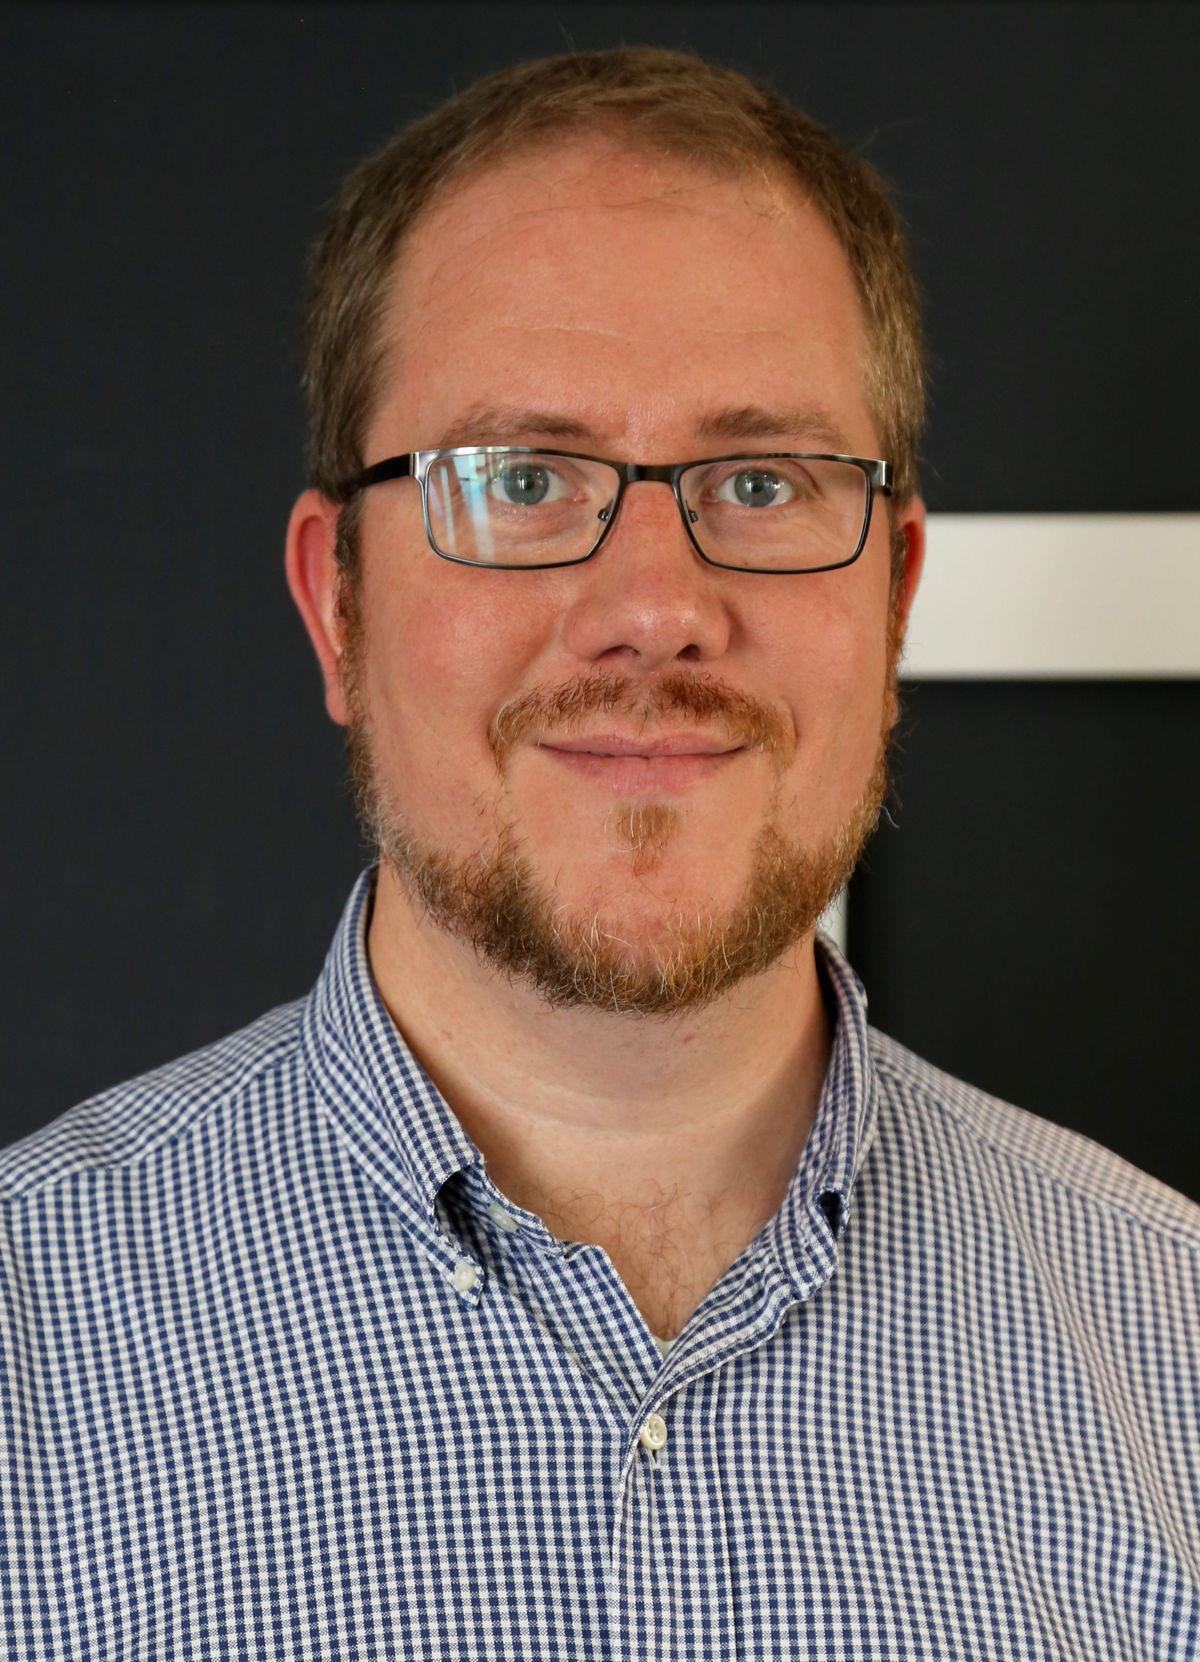 Jens Werner, Portfolio Manager Business Communication at Sennheiser